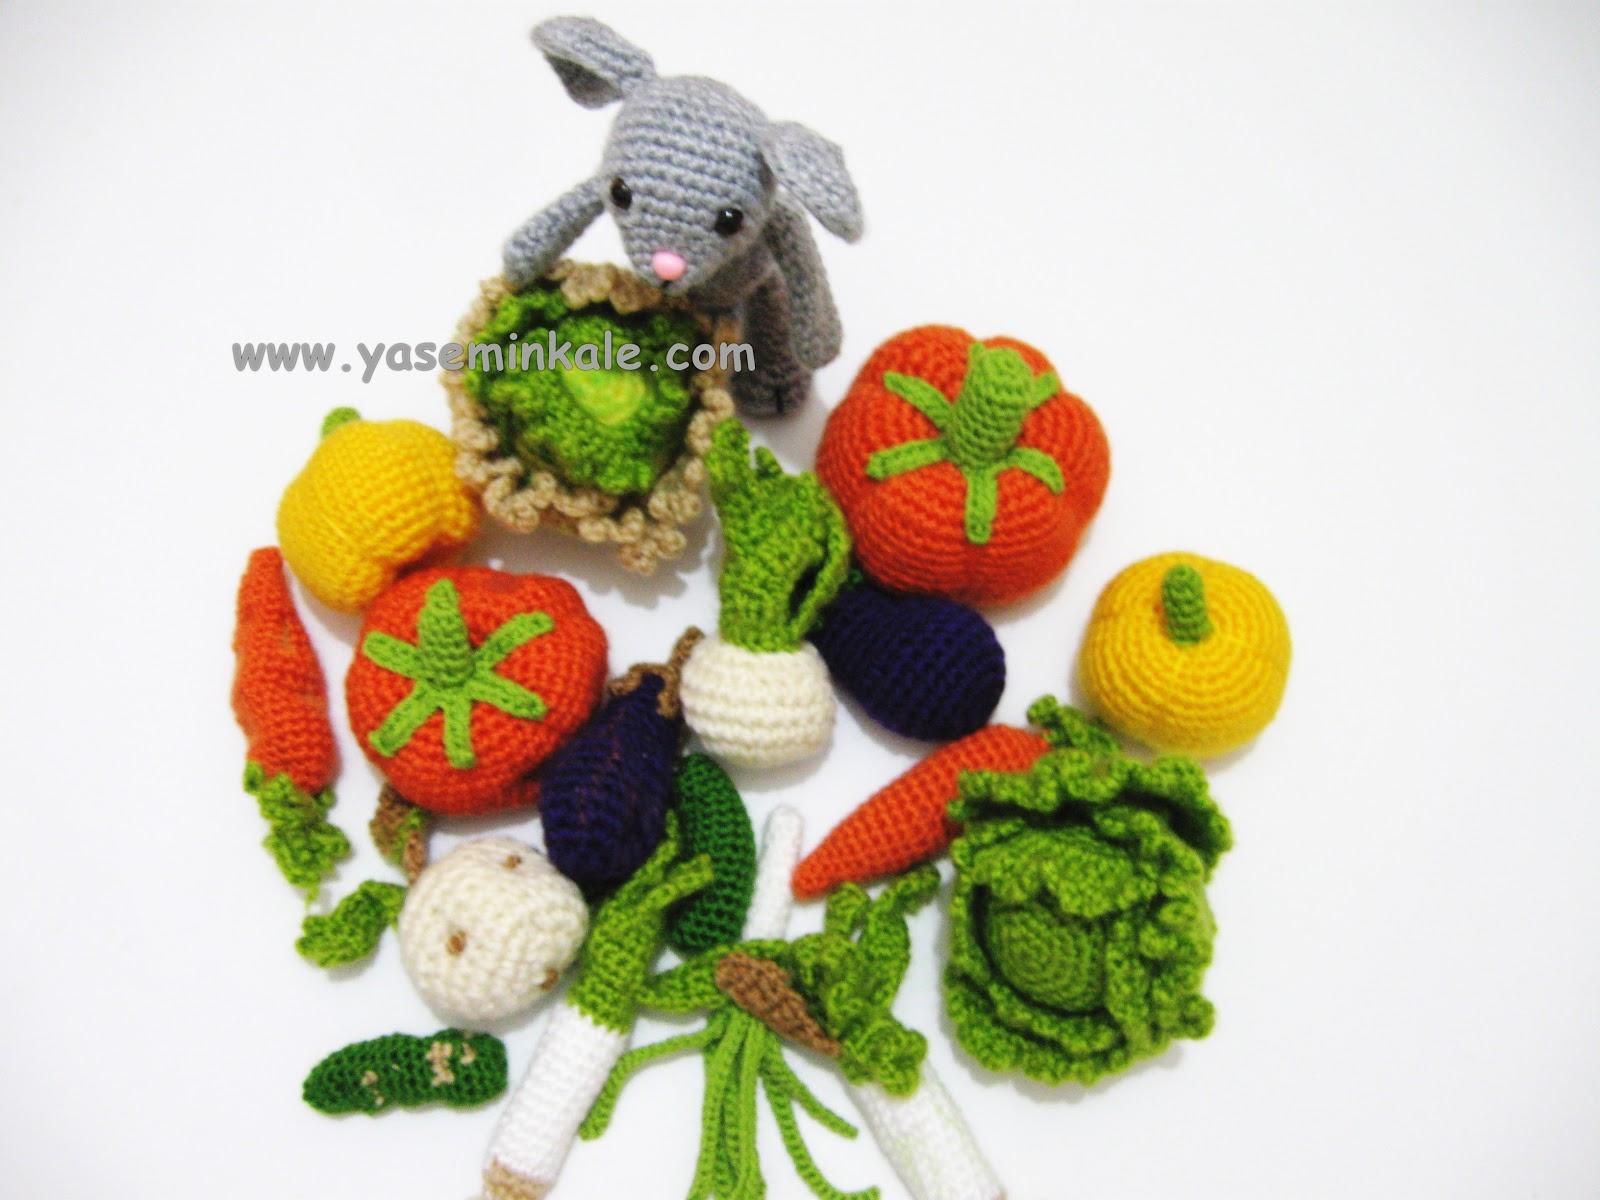 Amigurumi Vegetables : Amigurumi food hooray for veggies amigurumi food free crochet